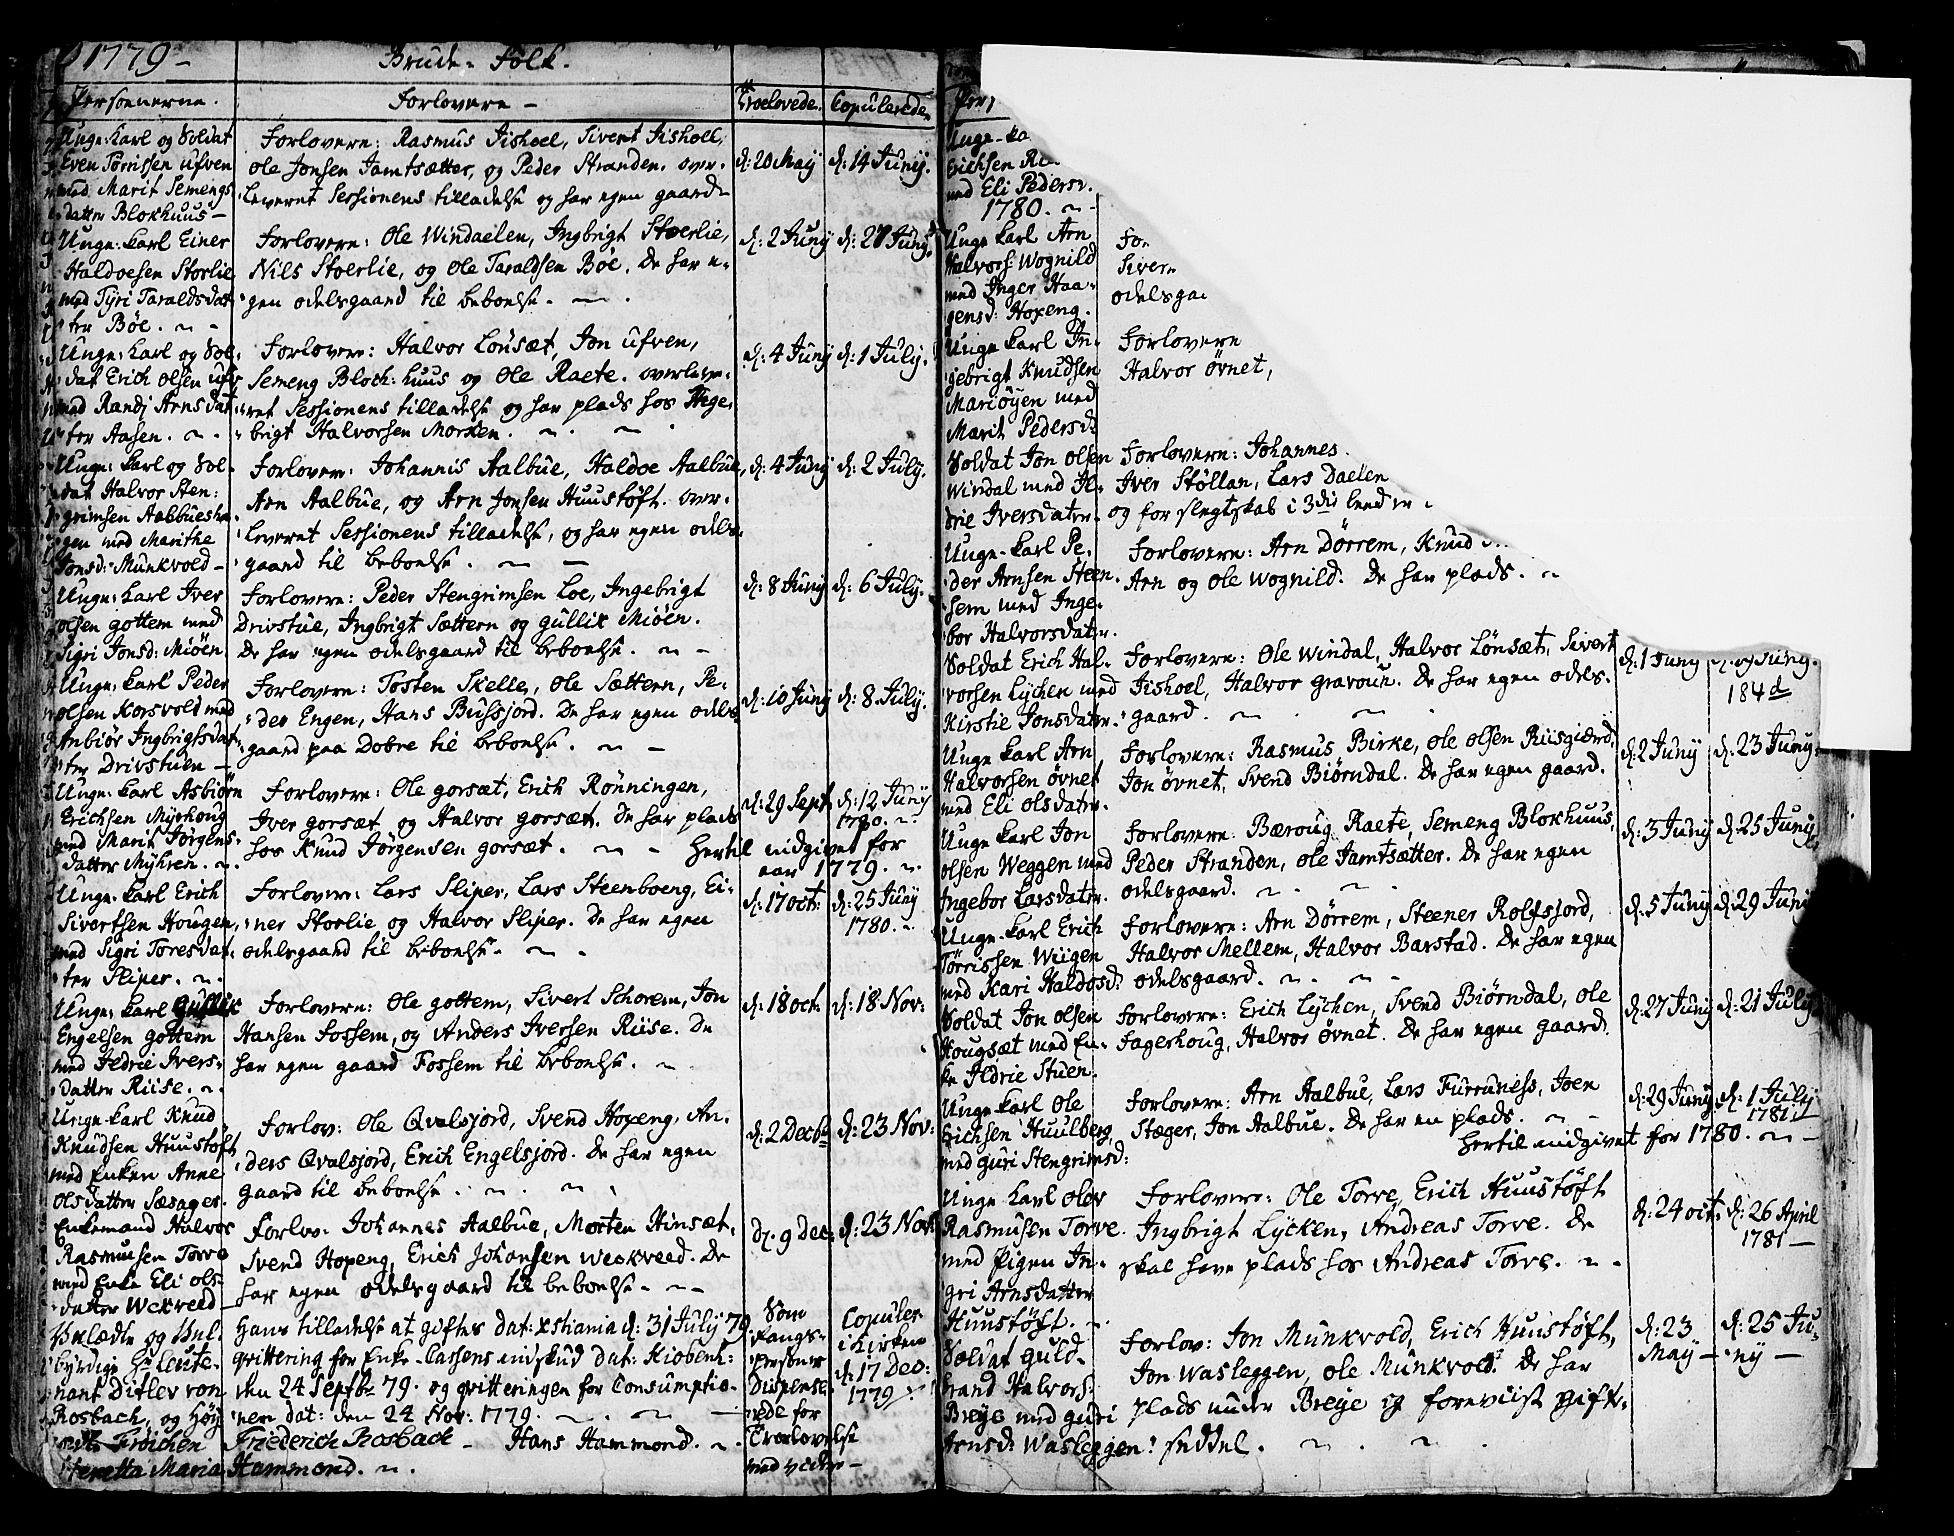 SAT, Ministerialprotokoller, klokkerbøker og fødselsregistre - Sør-Trøndelag, 678/L0891: Ministerialbok nr. 678A01, 1739-1780, s. 184e